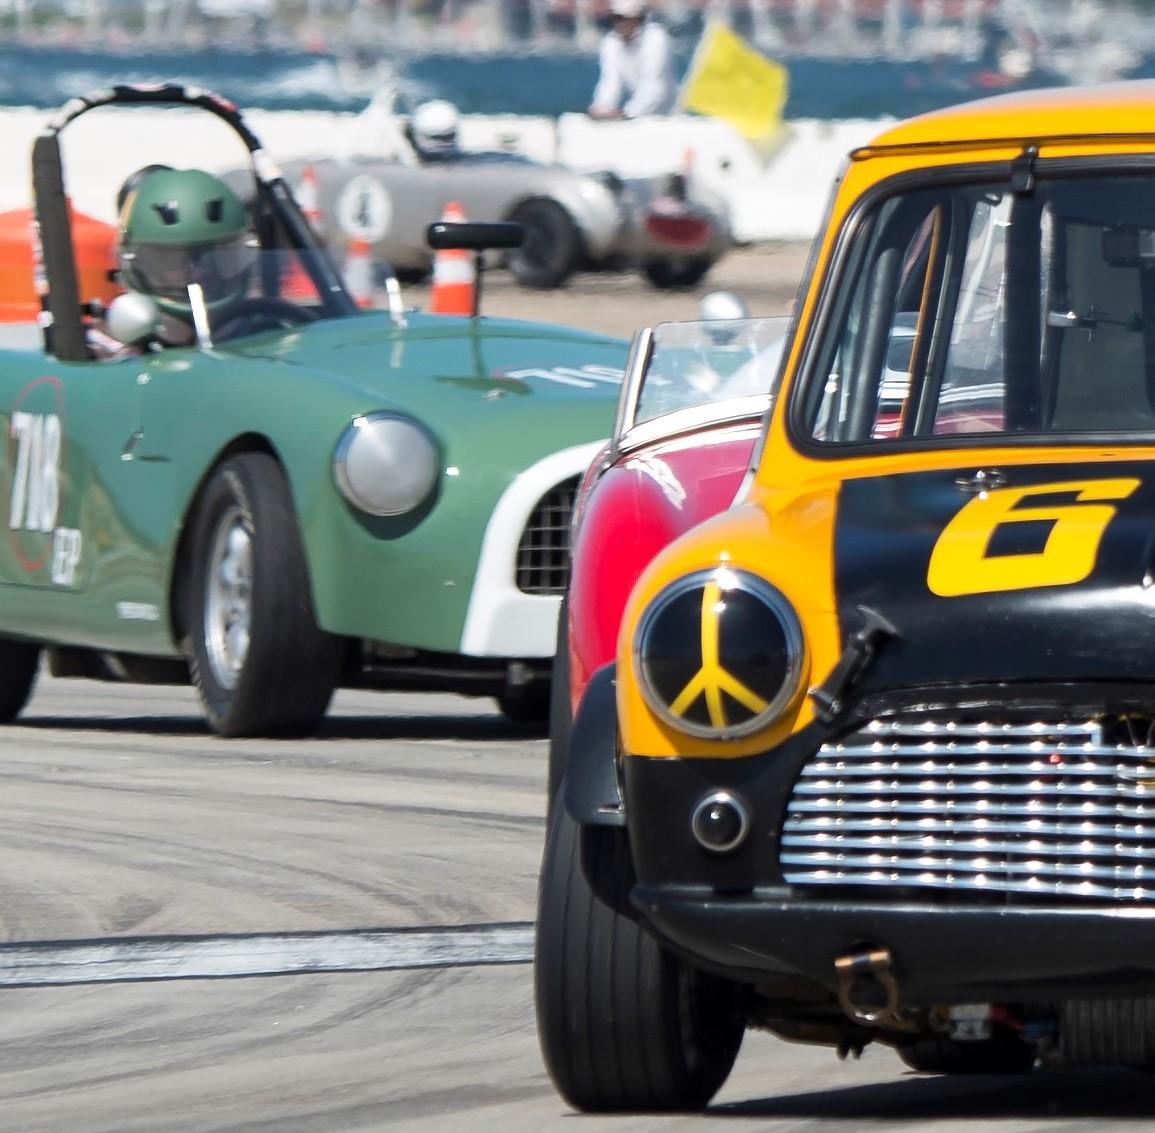 Amelia Island vintage racing an important milestone, SVRA says ...